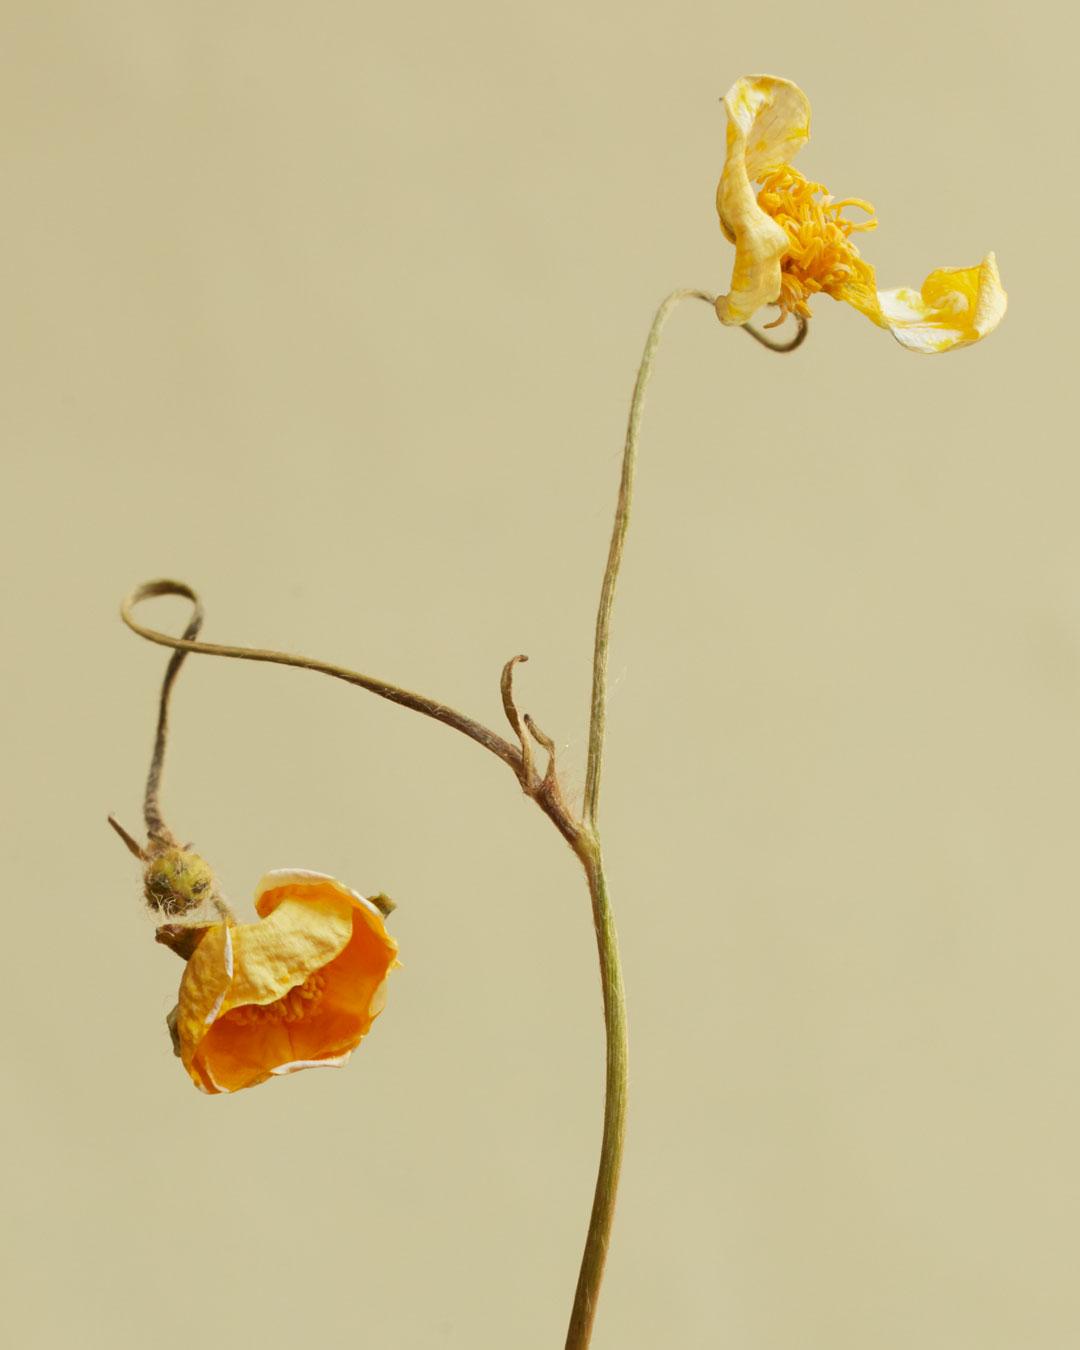 Ranunculuscrop